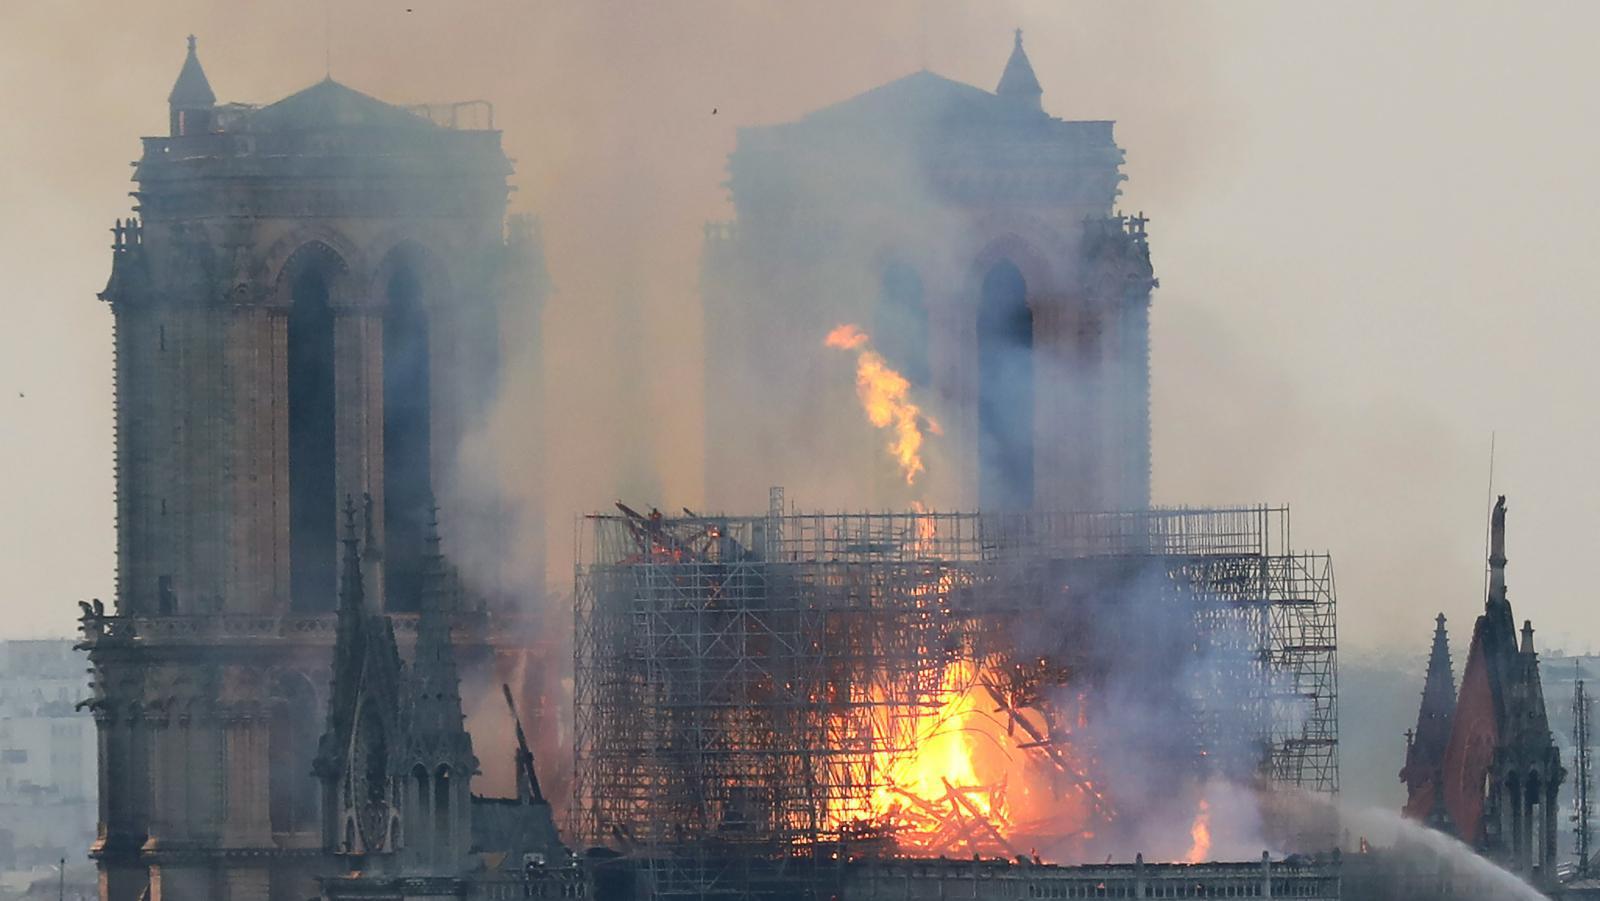 """เพลิงไหม้ """"มหาวิหารนอเทรอดาม"""" ในกรุงปารีส"""